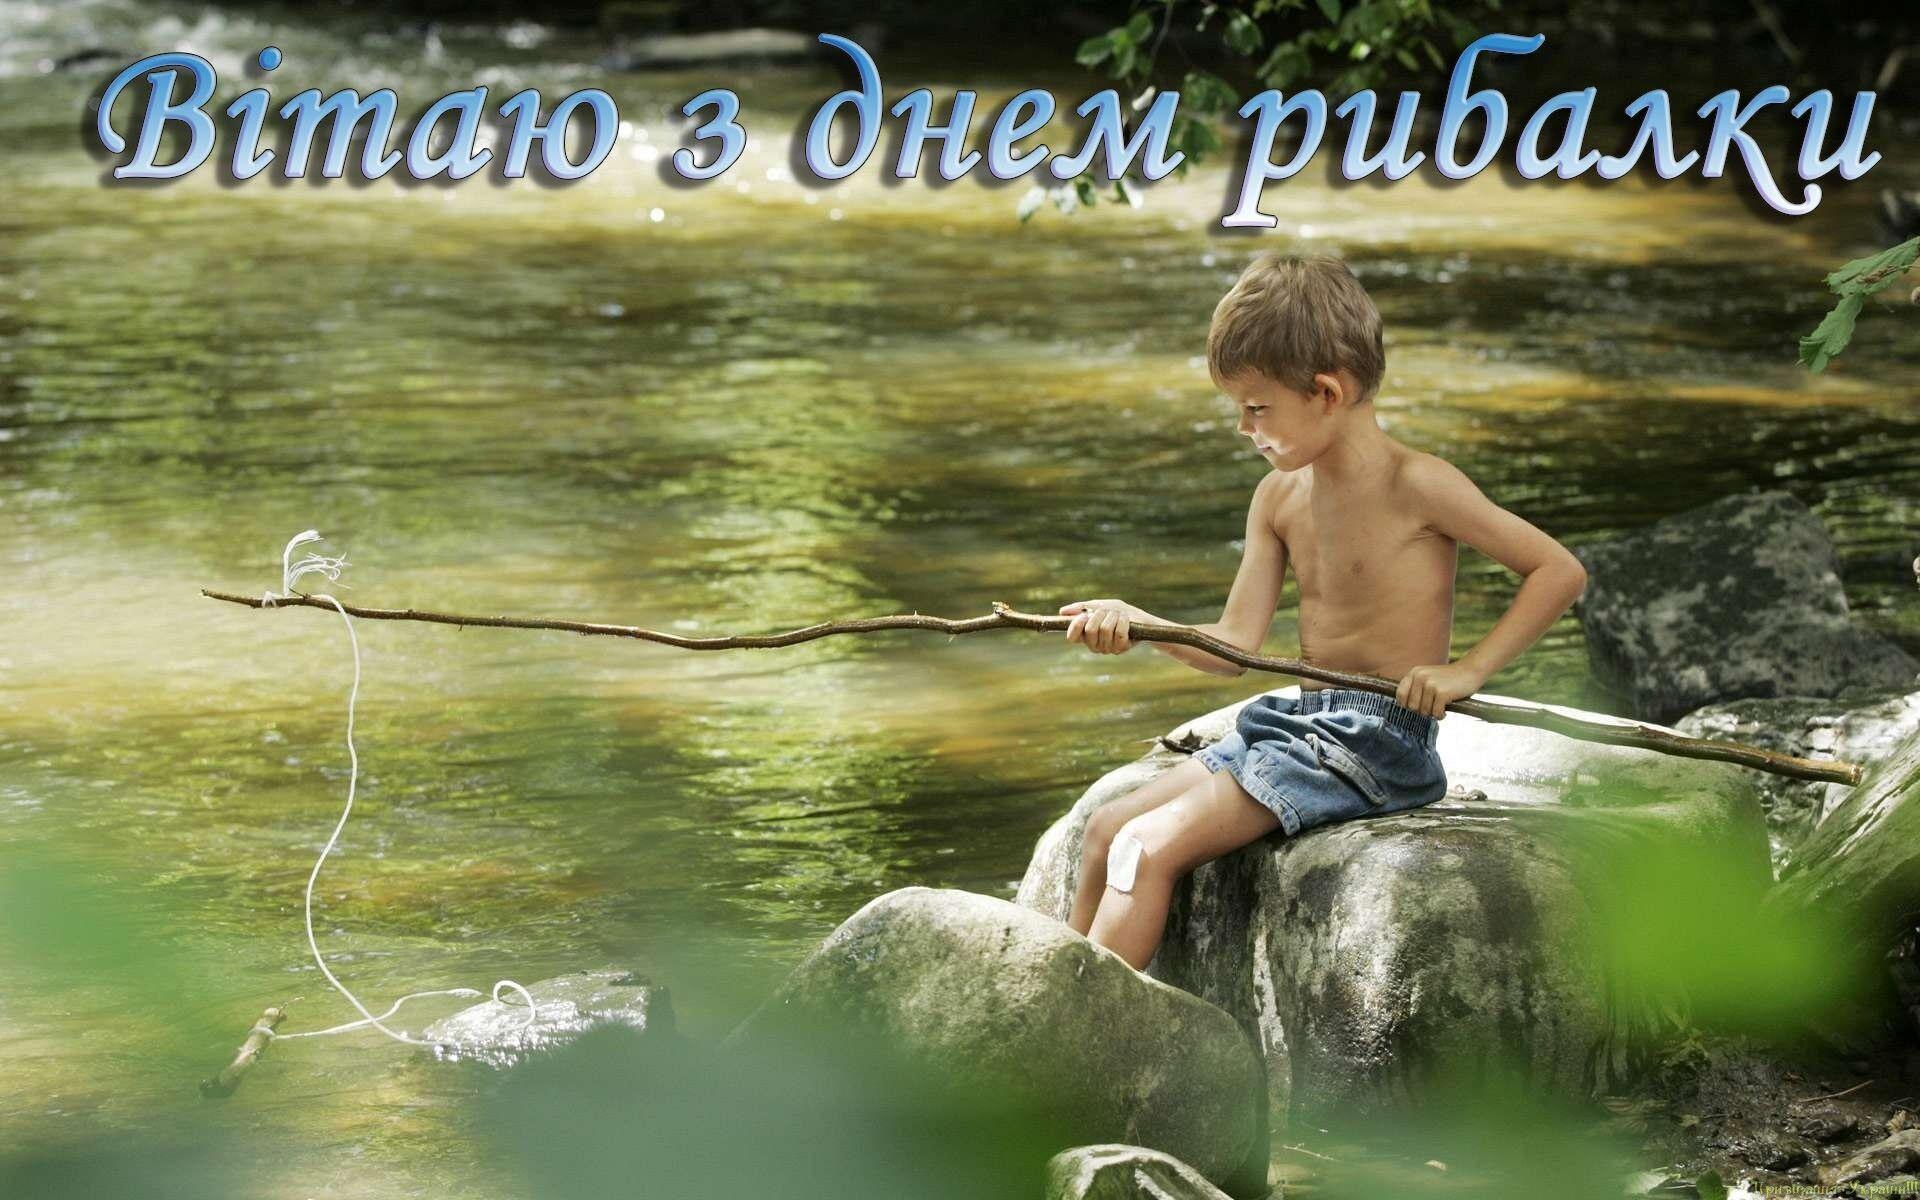 Привітання з днем рибалки